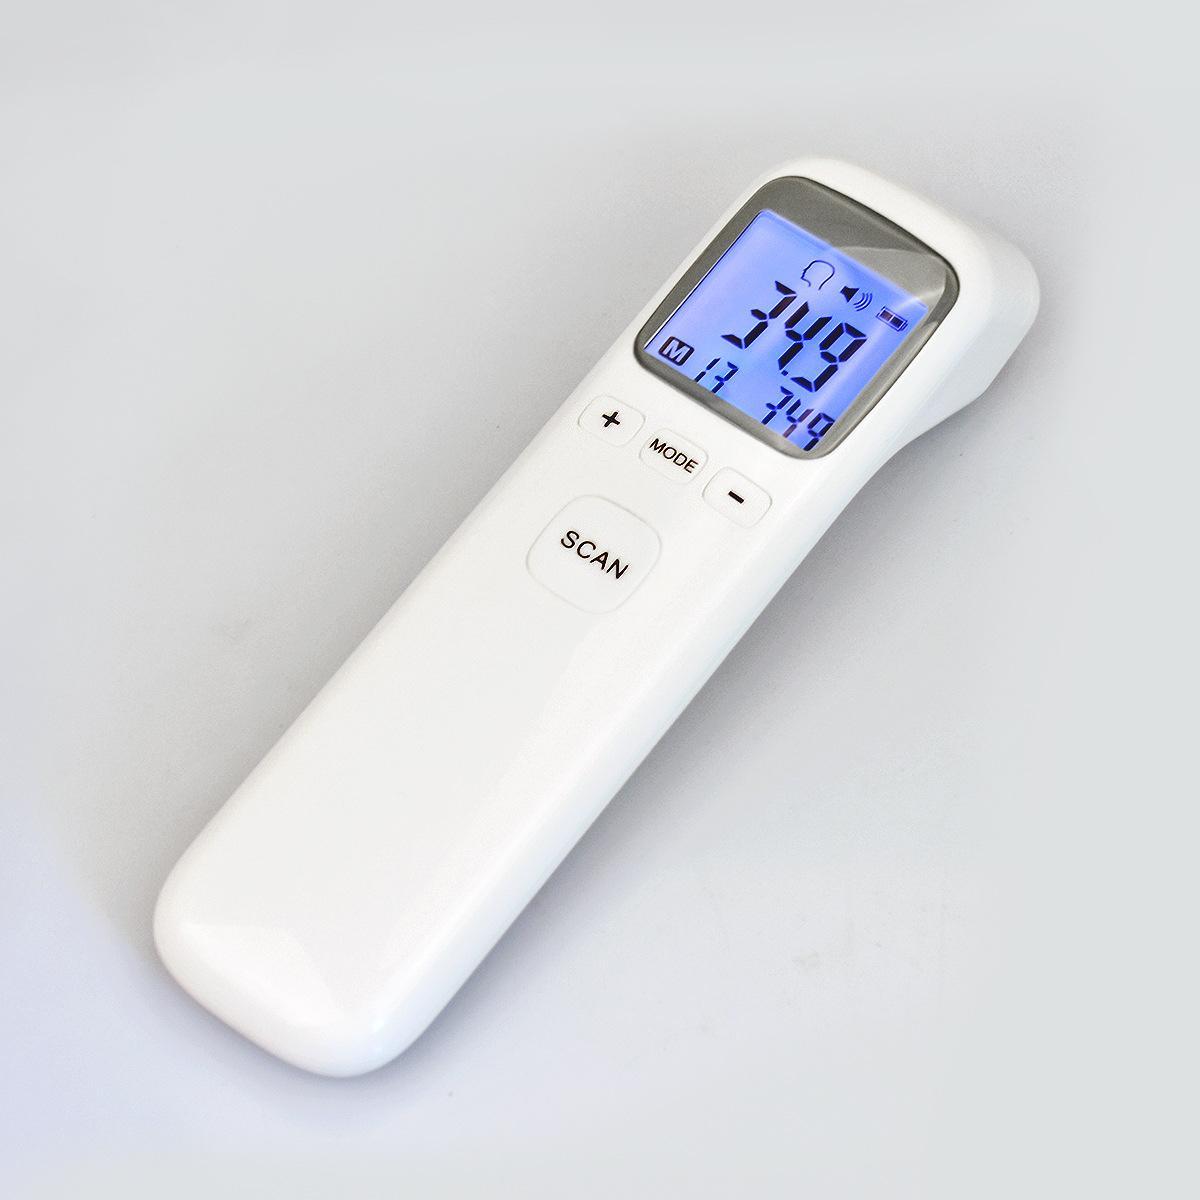 Nhiệt Kế Hồng Ngoại Infrared CK-T 1803 Cao Cấp - Nhiệt Kế Đo Sốt Hồng Ngoại KTS bán chạy